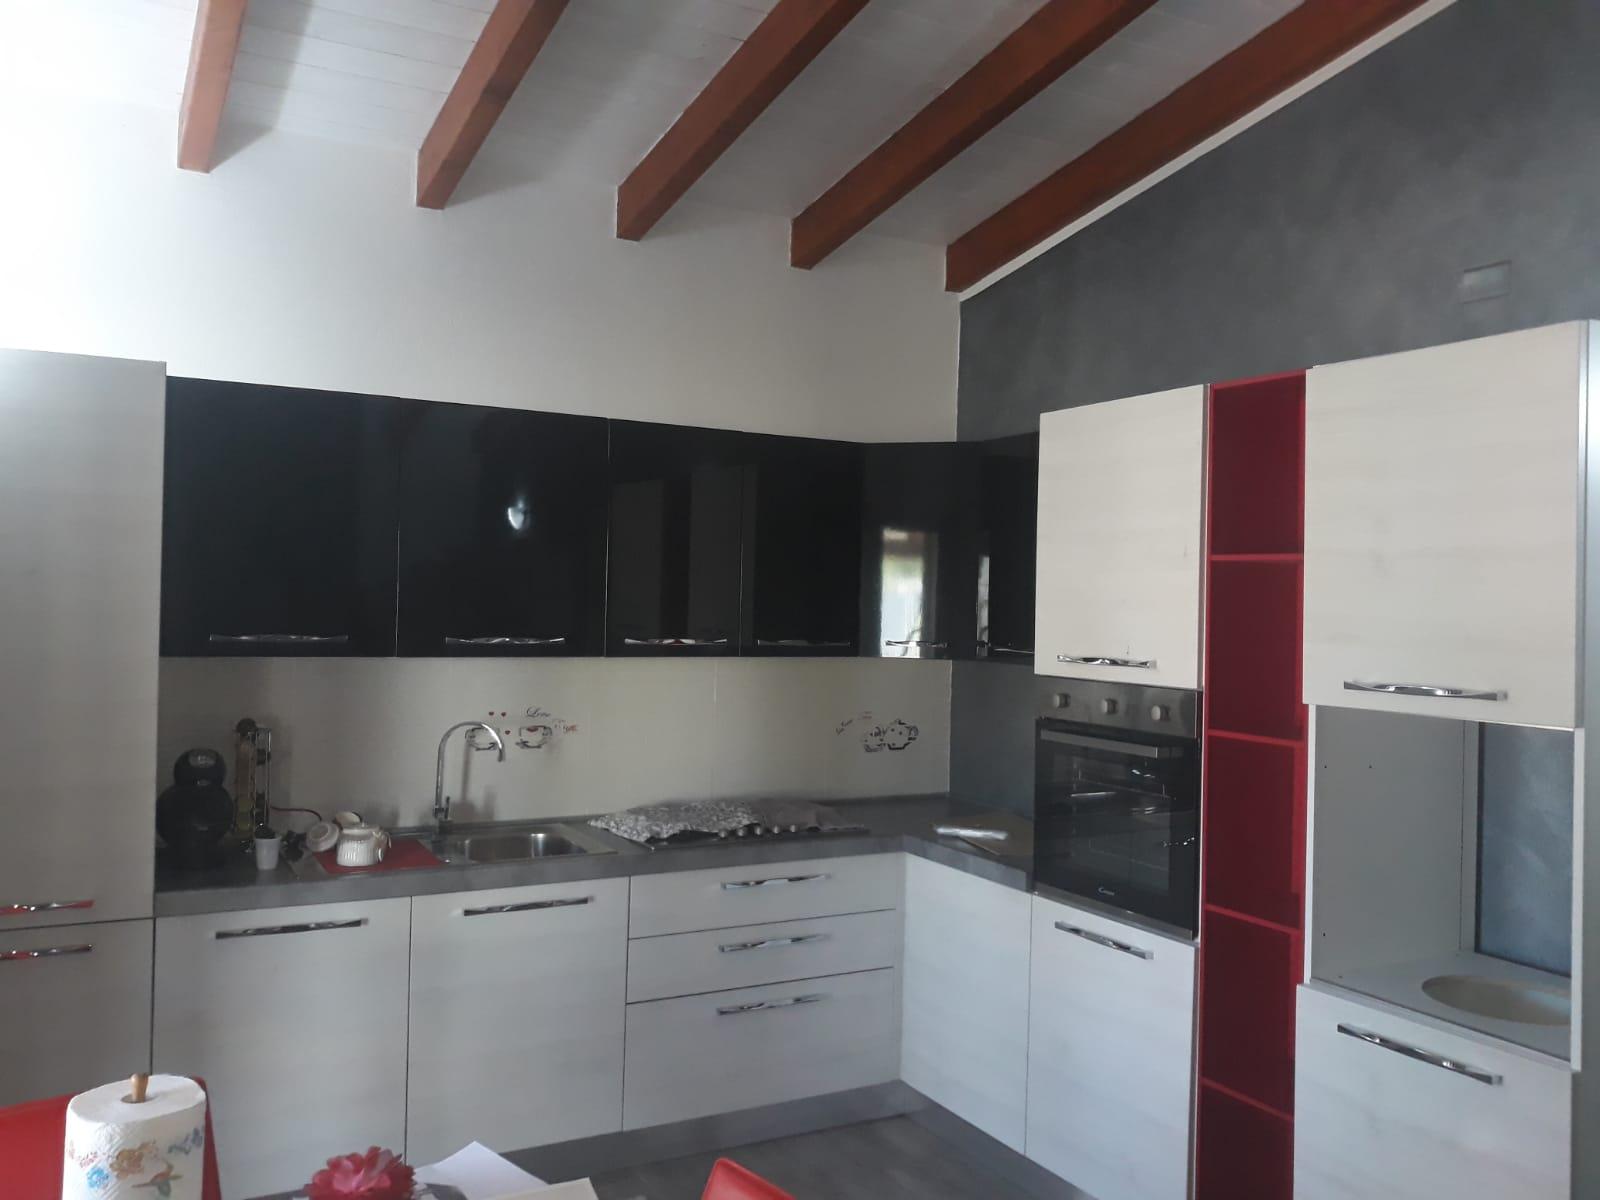 Cucine Cagliari Arredi 2000 0718 WA0004